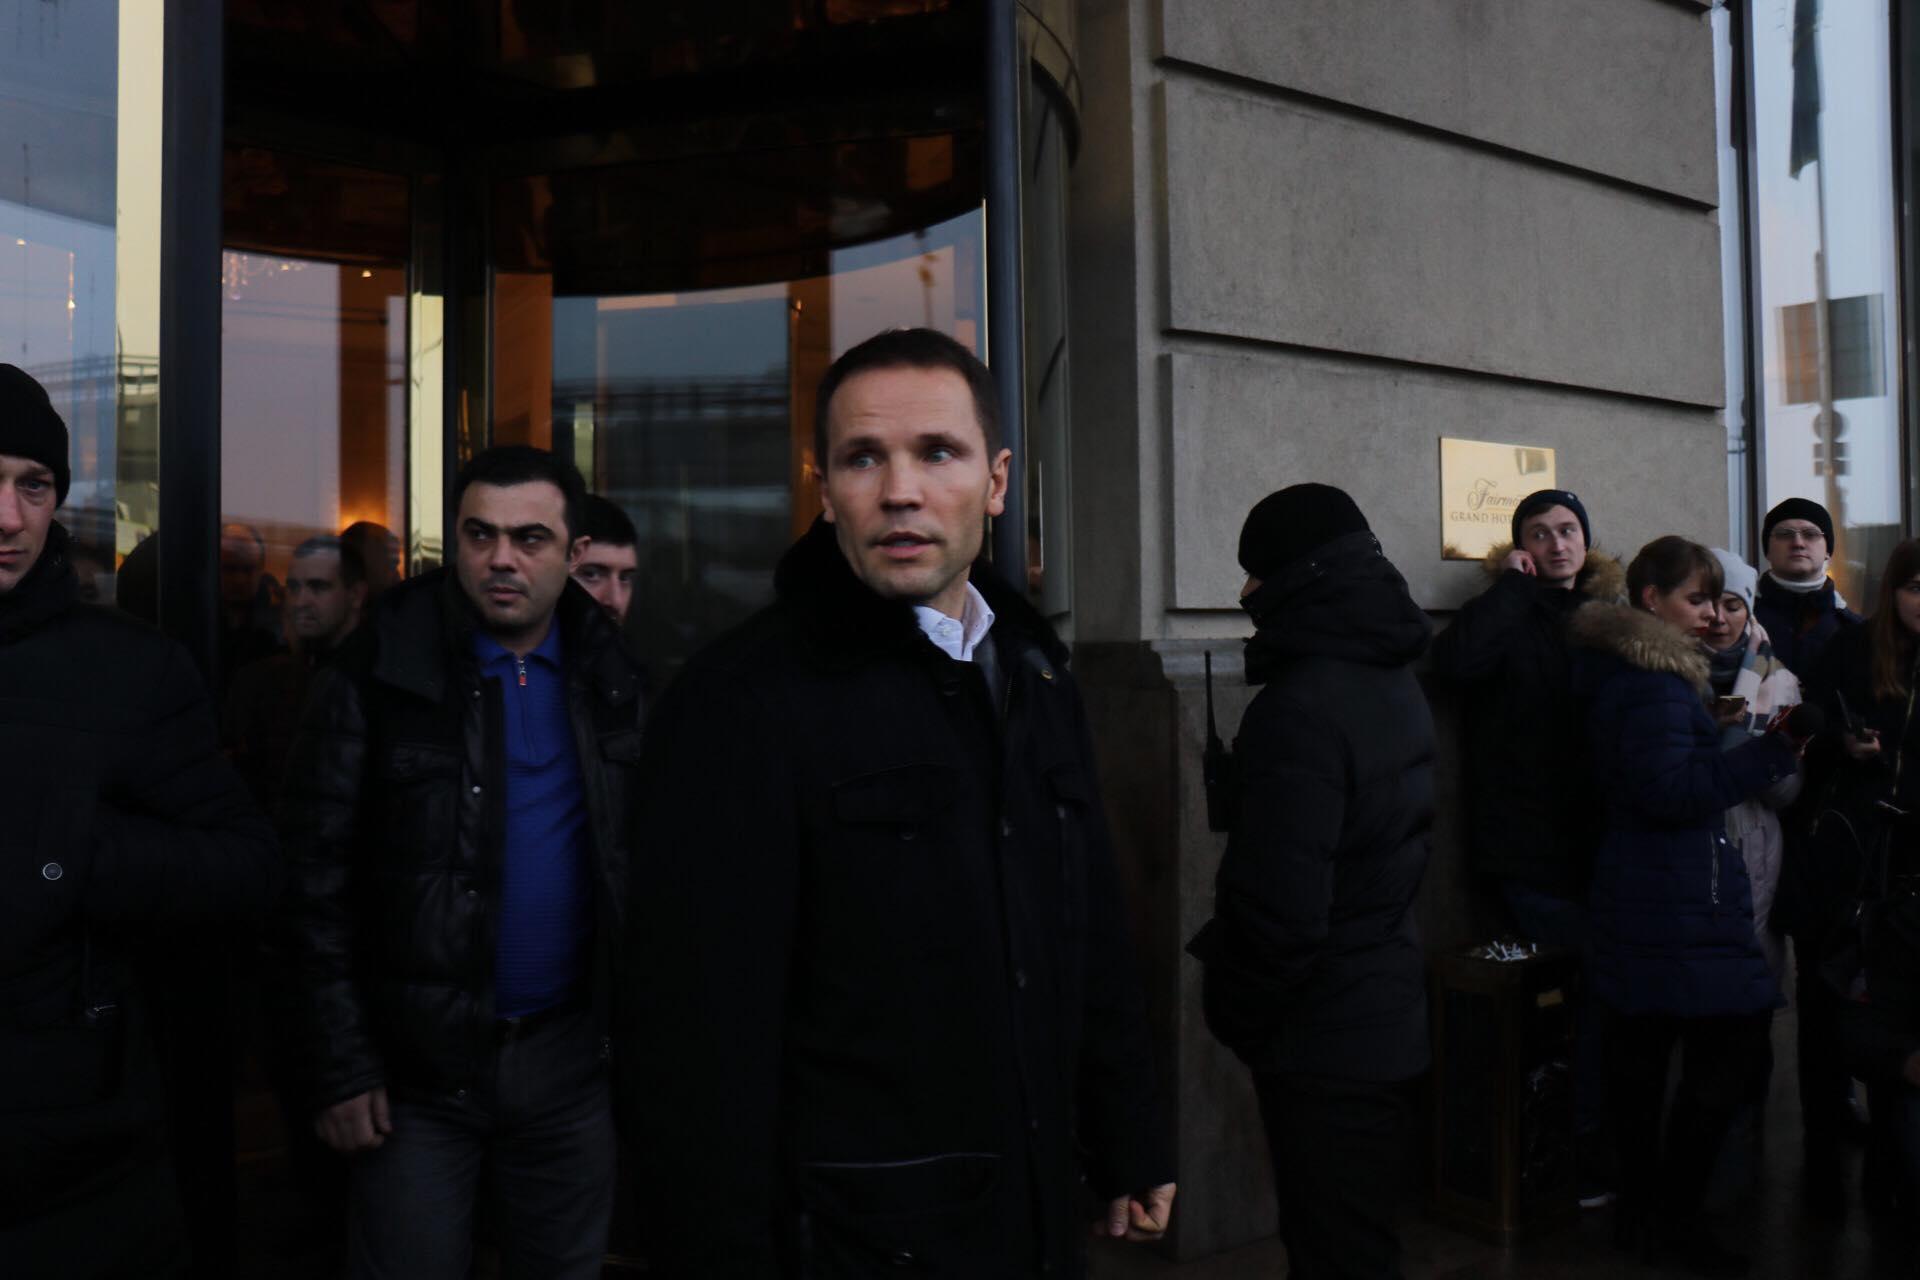 Изначально к журналистам вышел представитель Саакашвили